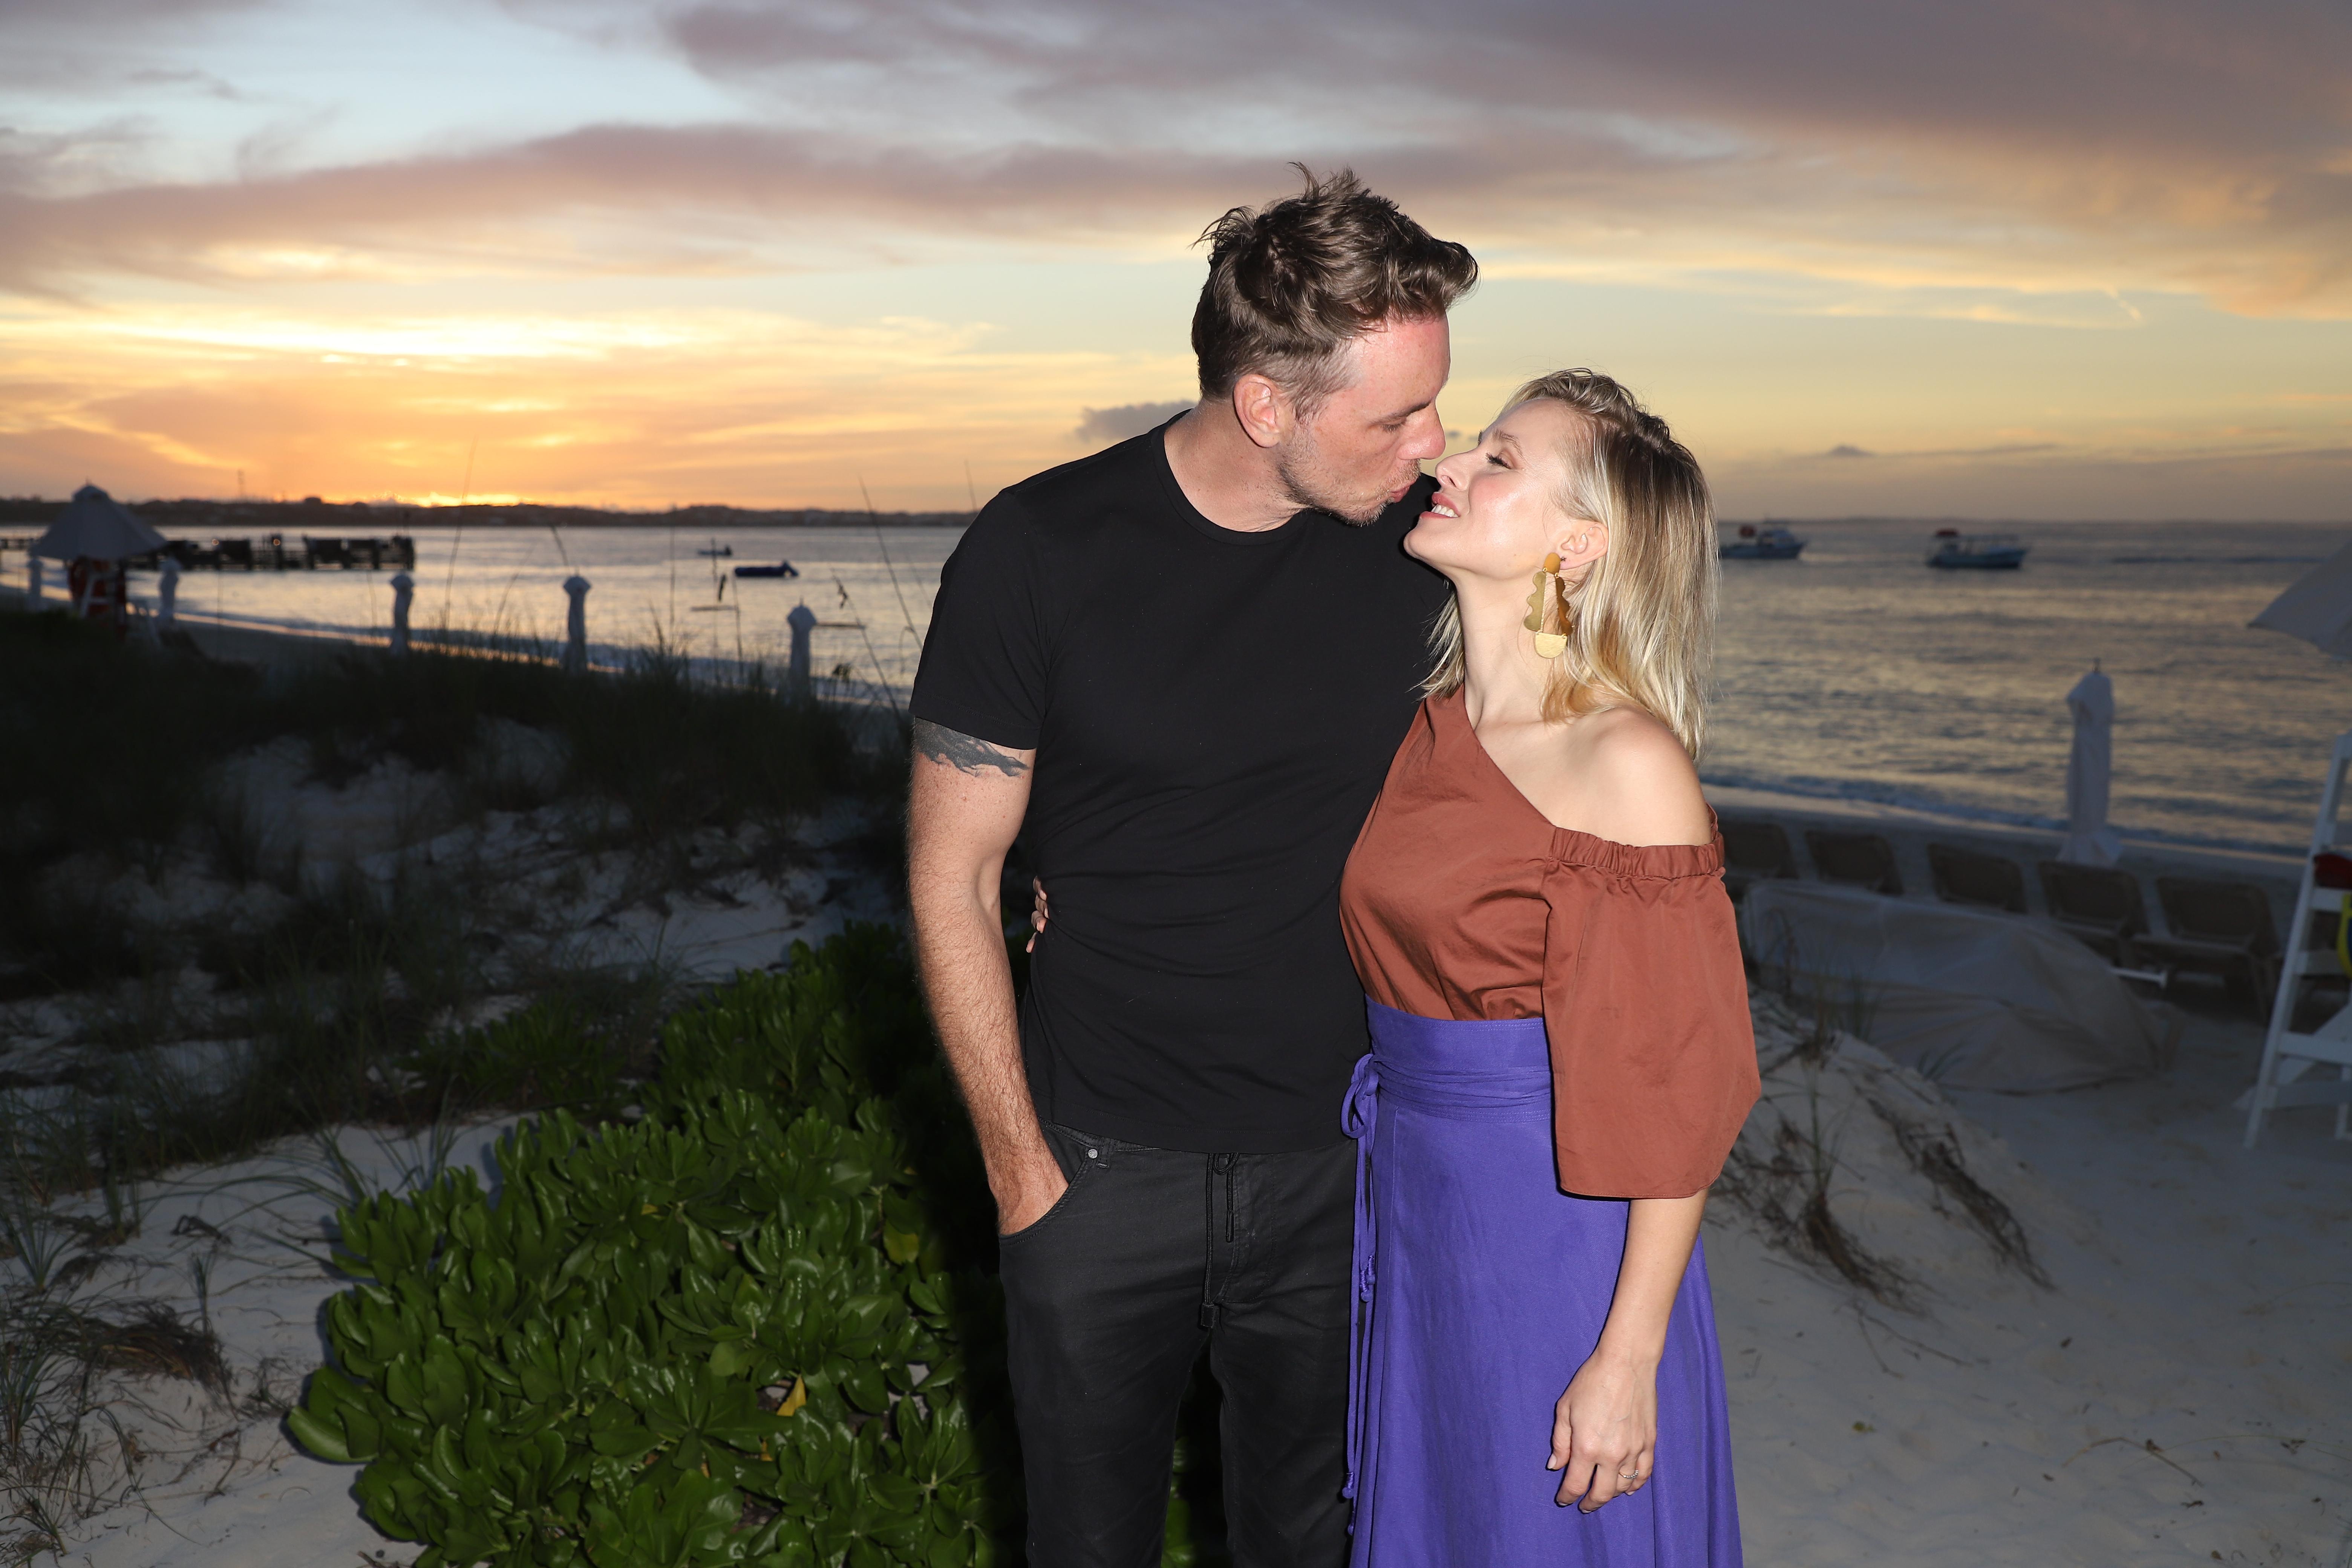 Kristen Bell datant de la vie rencontre un Conseil timide Guy